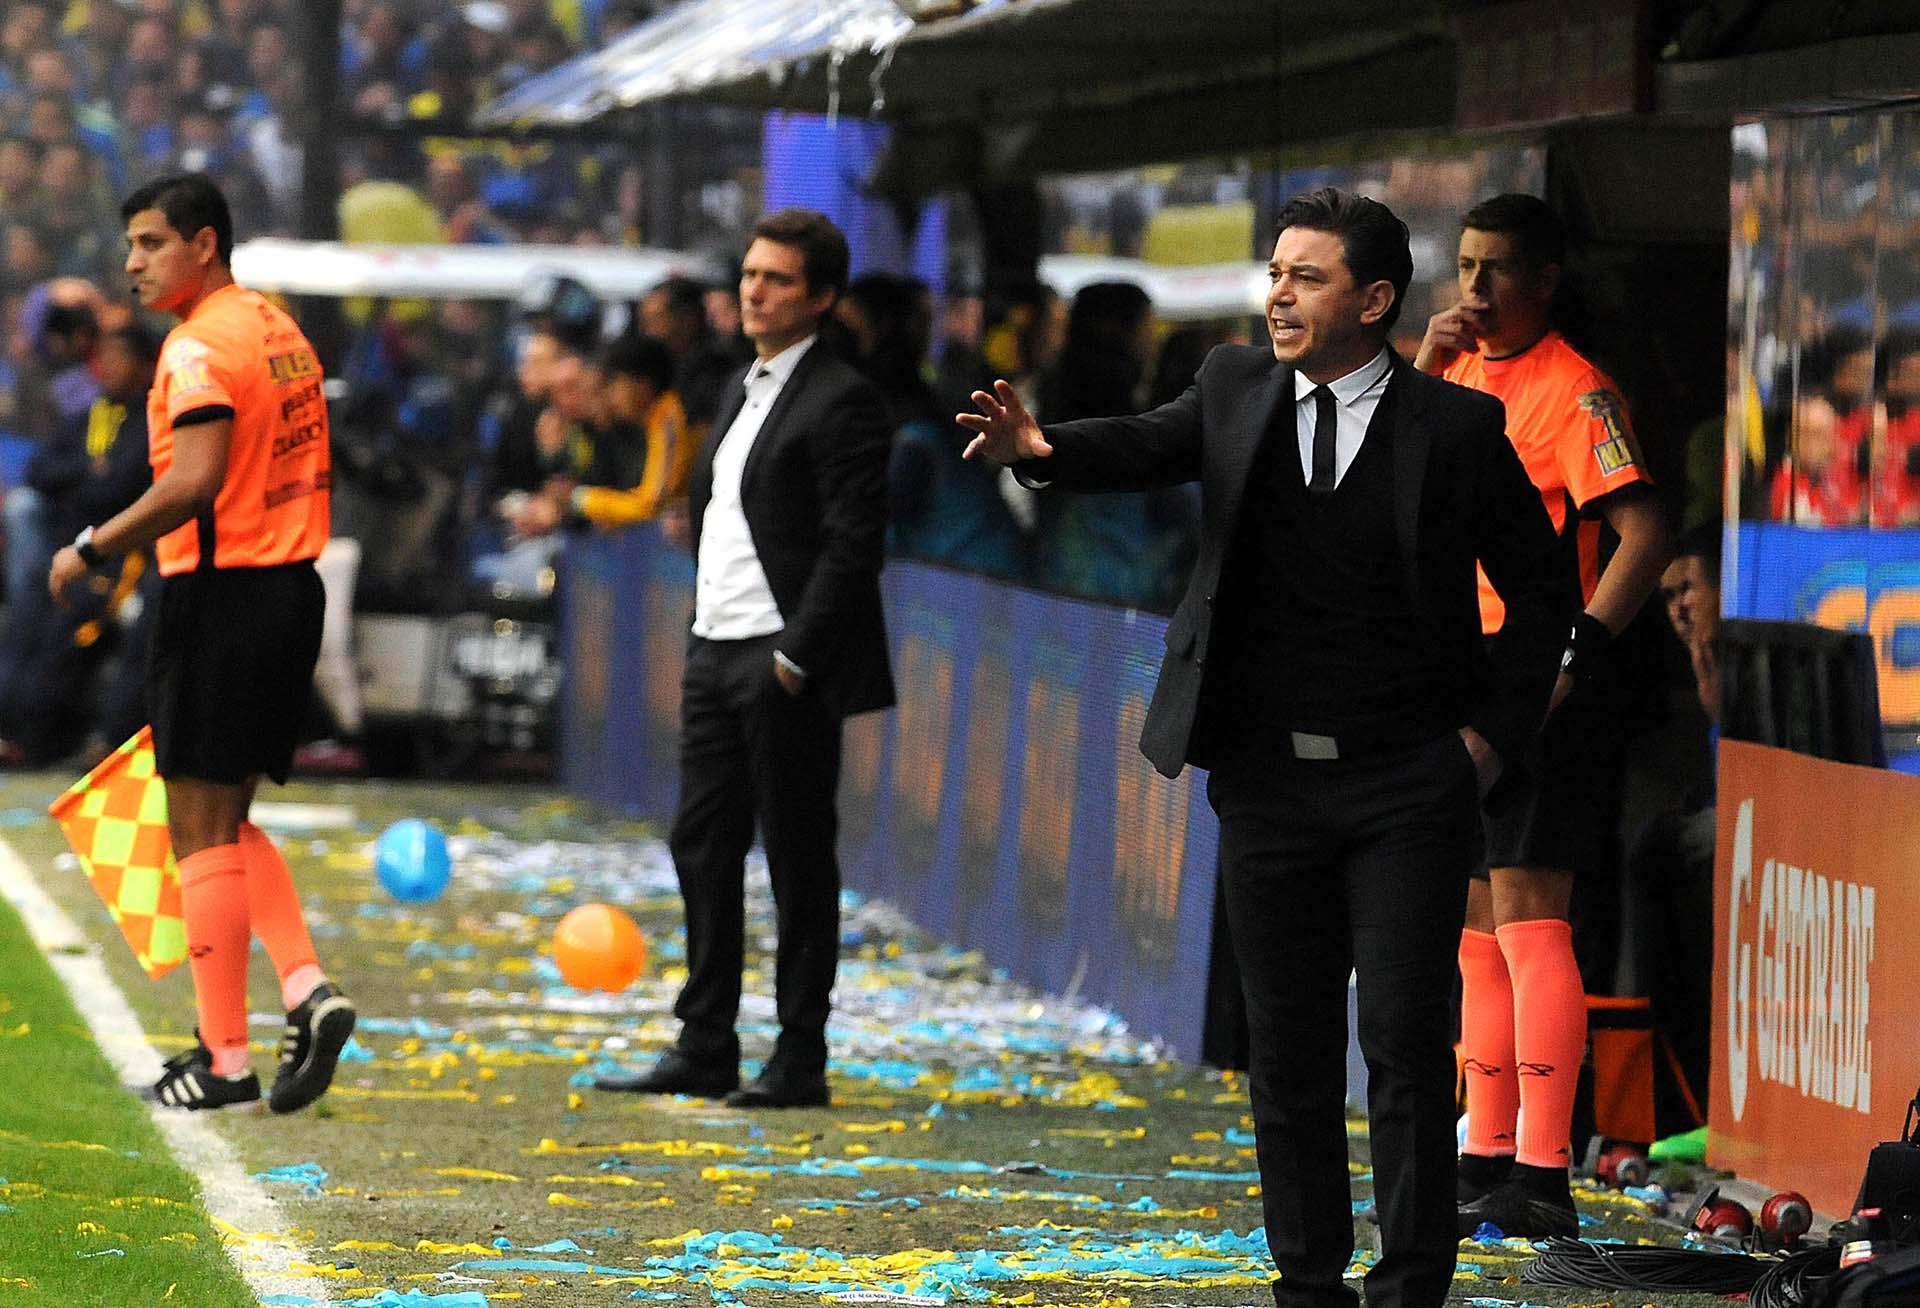 Los técnicos de River, Marcelo Gallardo, y de Boca, Guillermo Barros Schelotto, siguieron de pie todo el superclásico